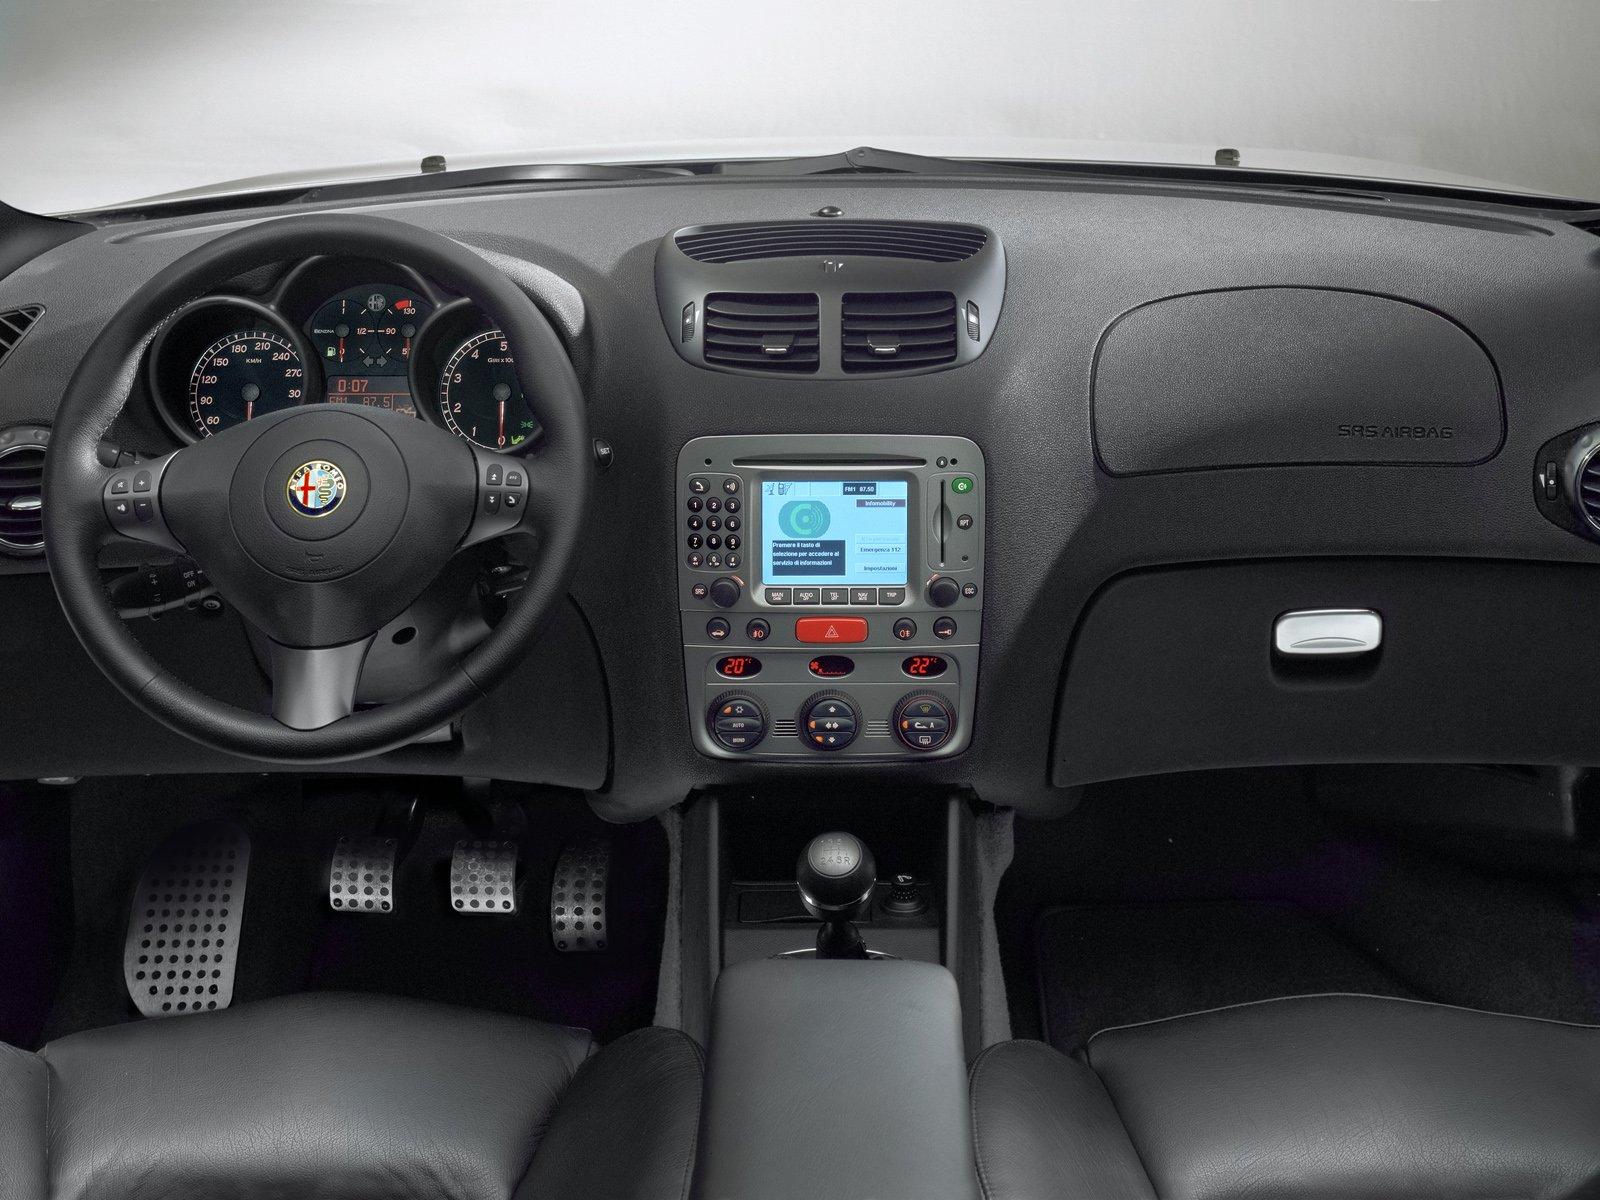 http://4.bp.blogspot.com/-ZsRLsxxuSEw/Tlwbq37dEmI/AAAAAAAAAOY/TQem4nzuyV0/s1600/Alfa-Romeo-147-GTA-006.jpg